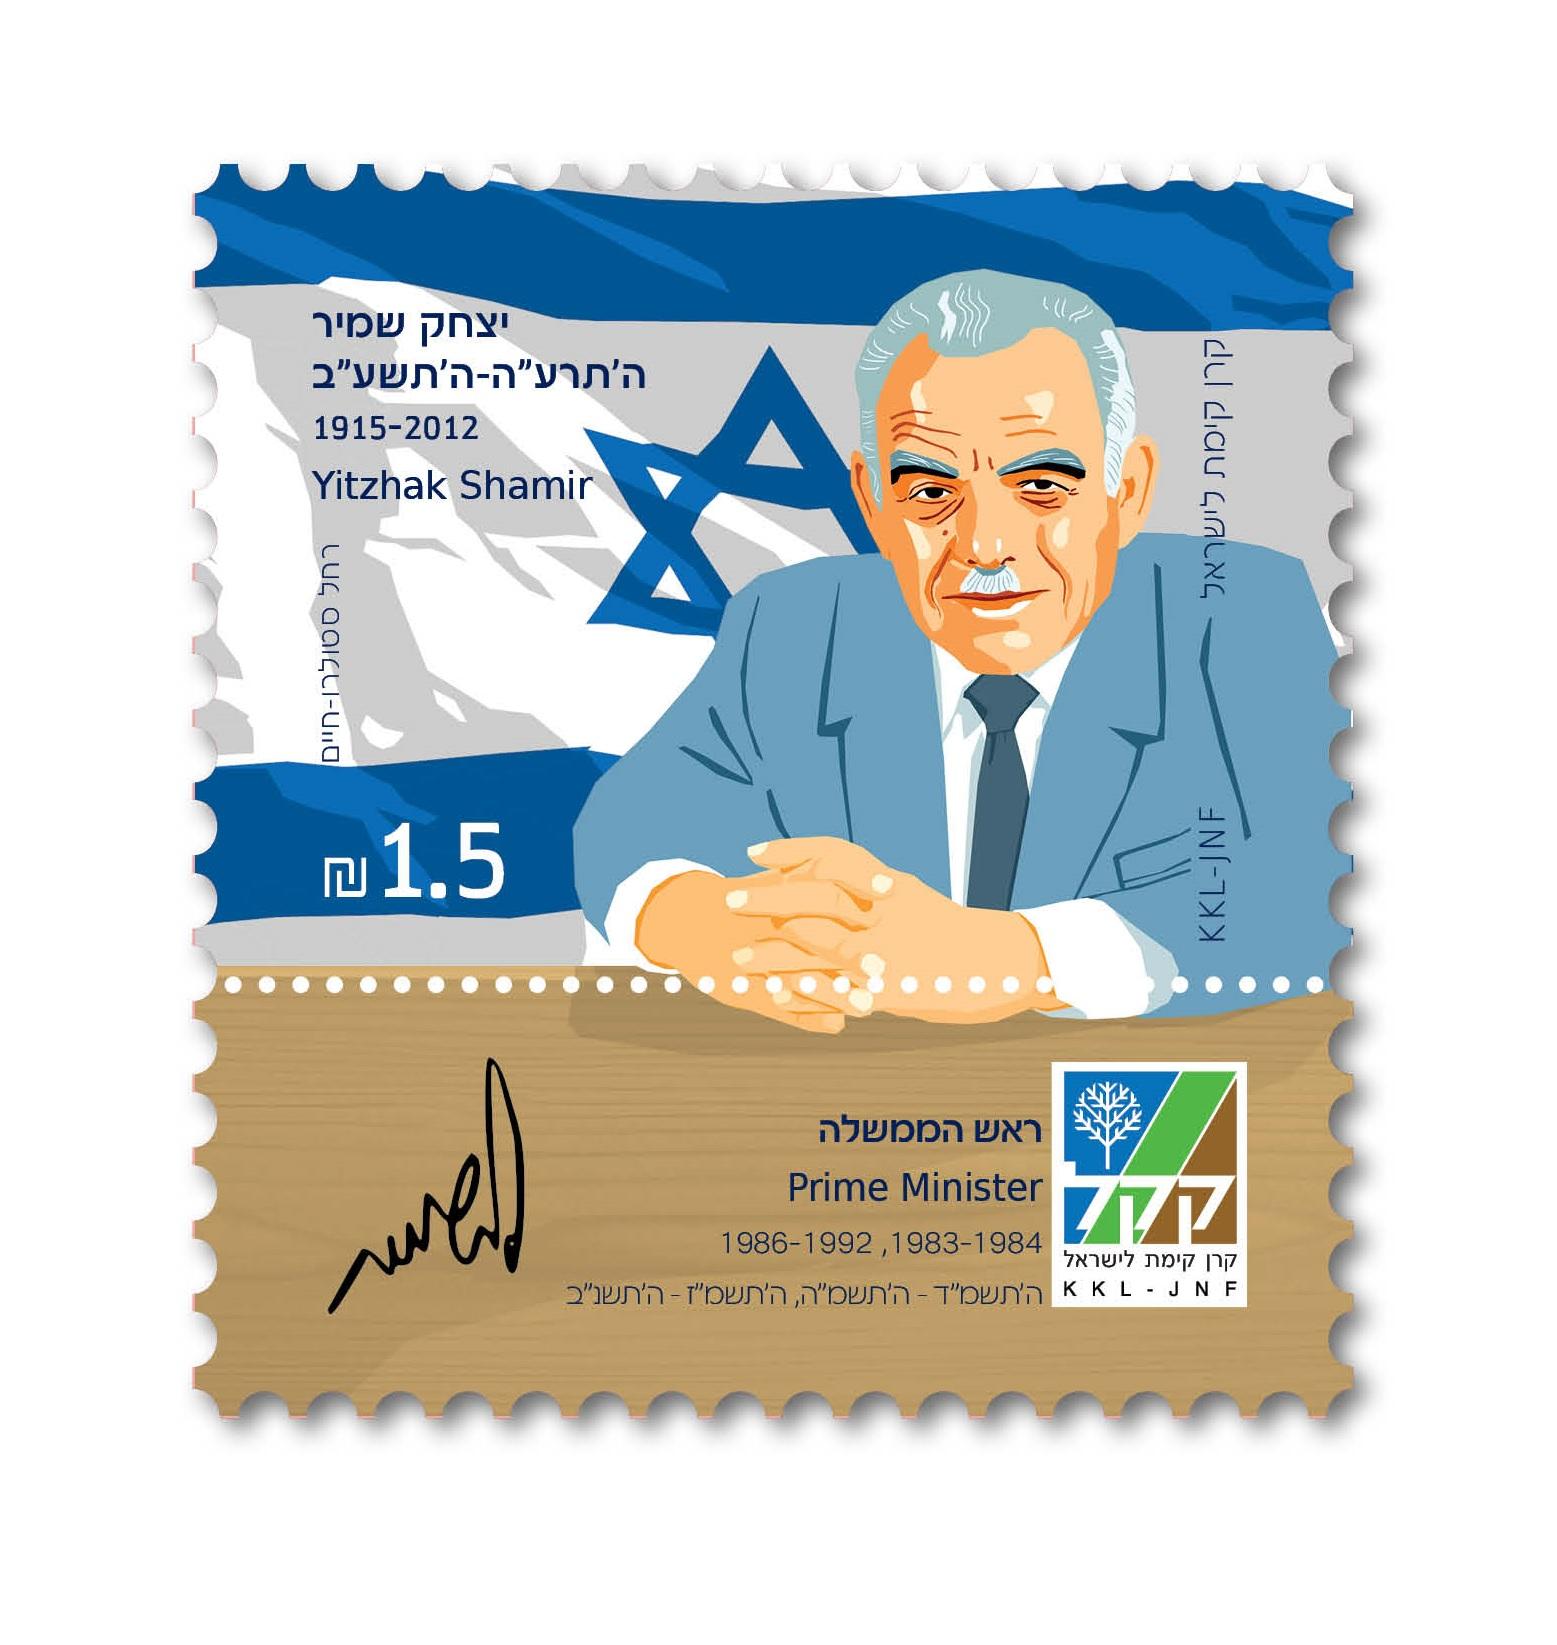 stamps main - בול יצחק שמיר